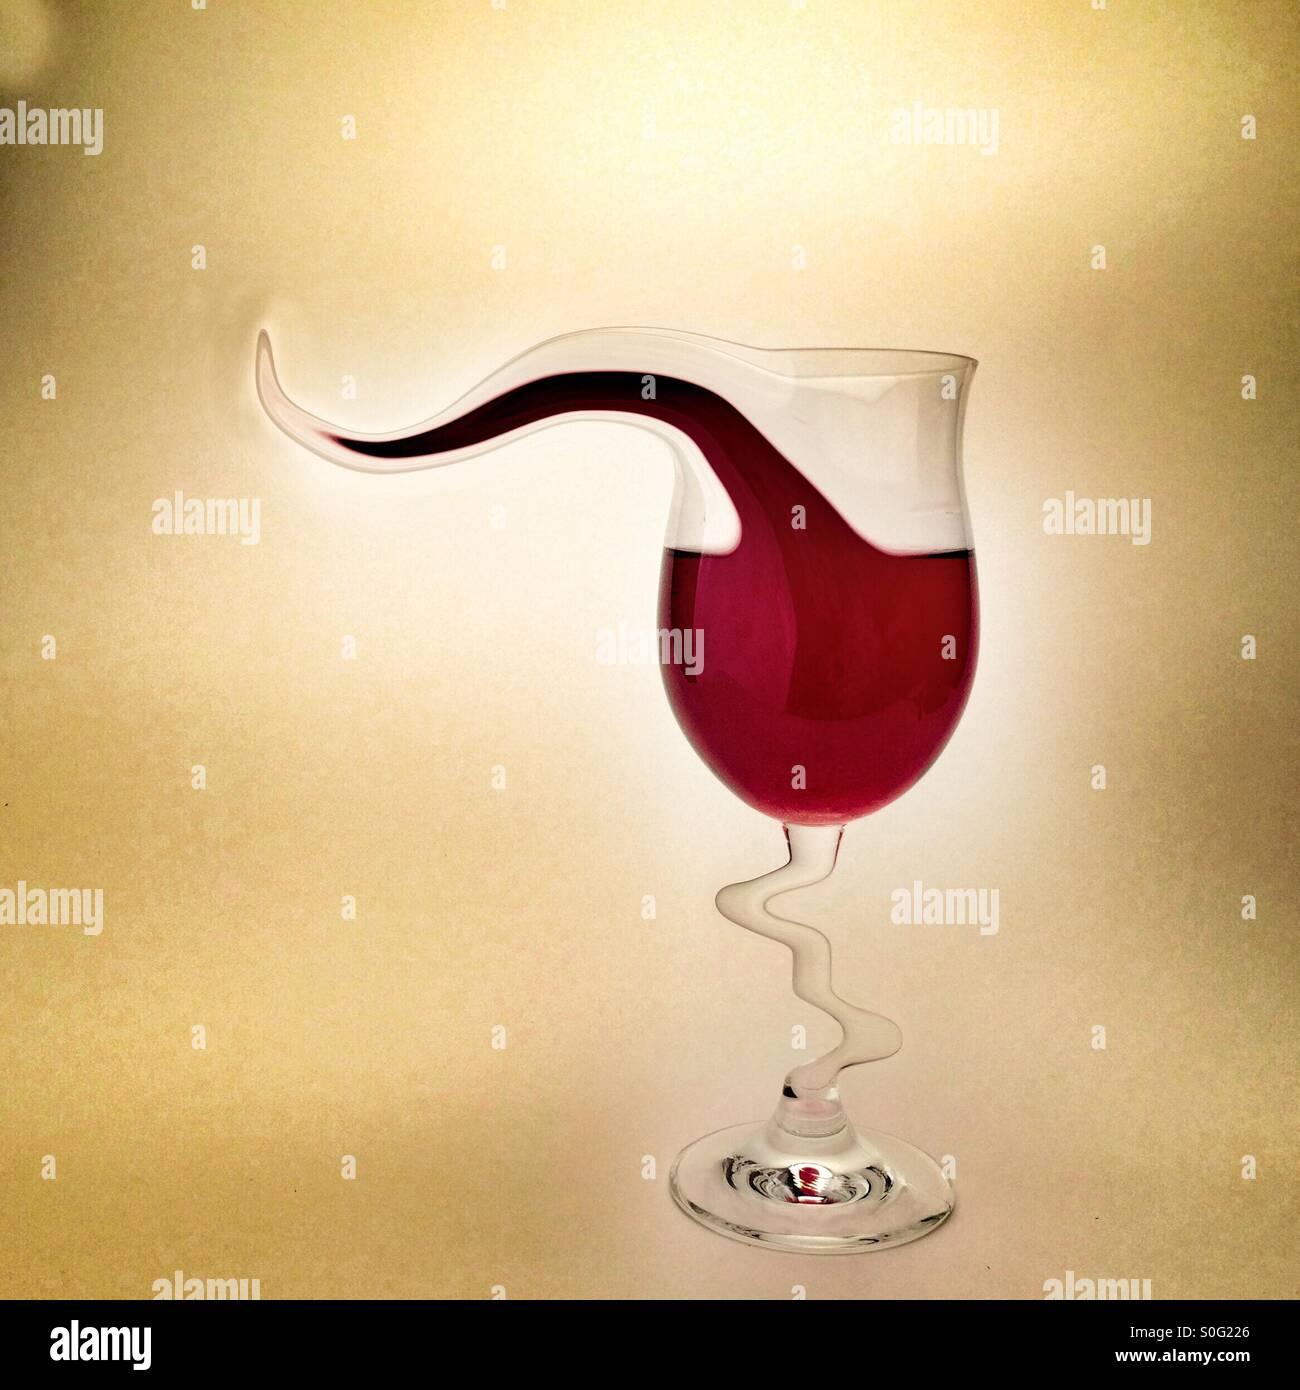 Uno per la strada manipolato digitalmente immagine raffigurante un bicchiere di vino rosso con una forma strana Immagini Stock